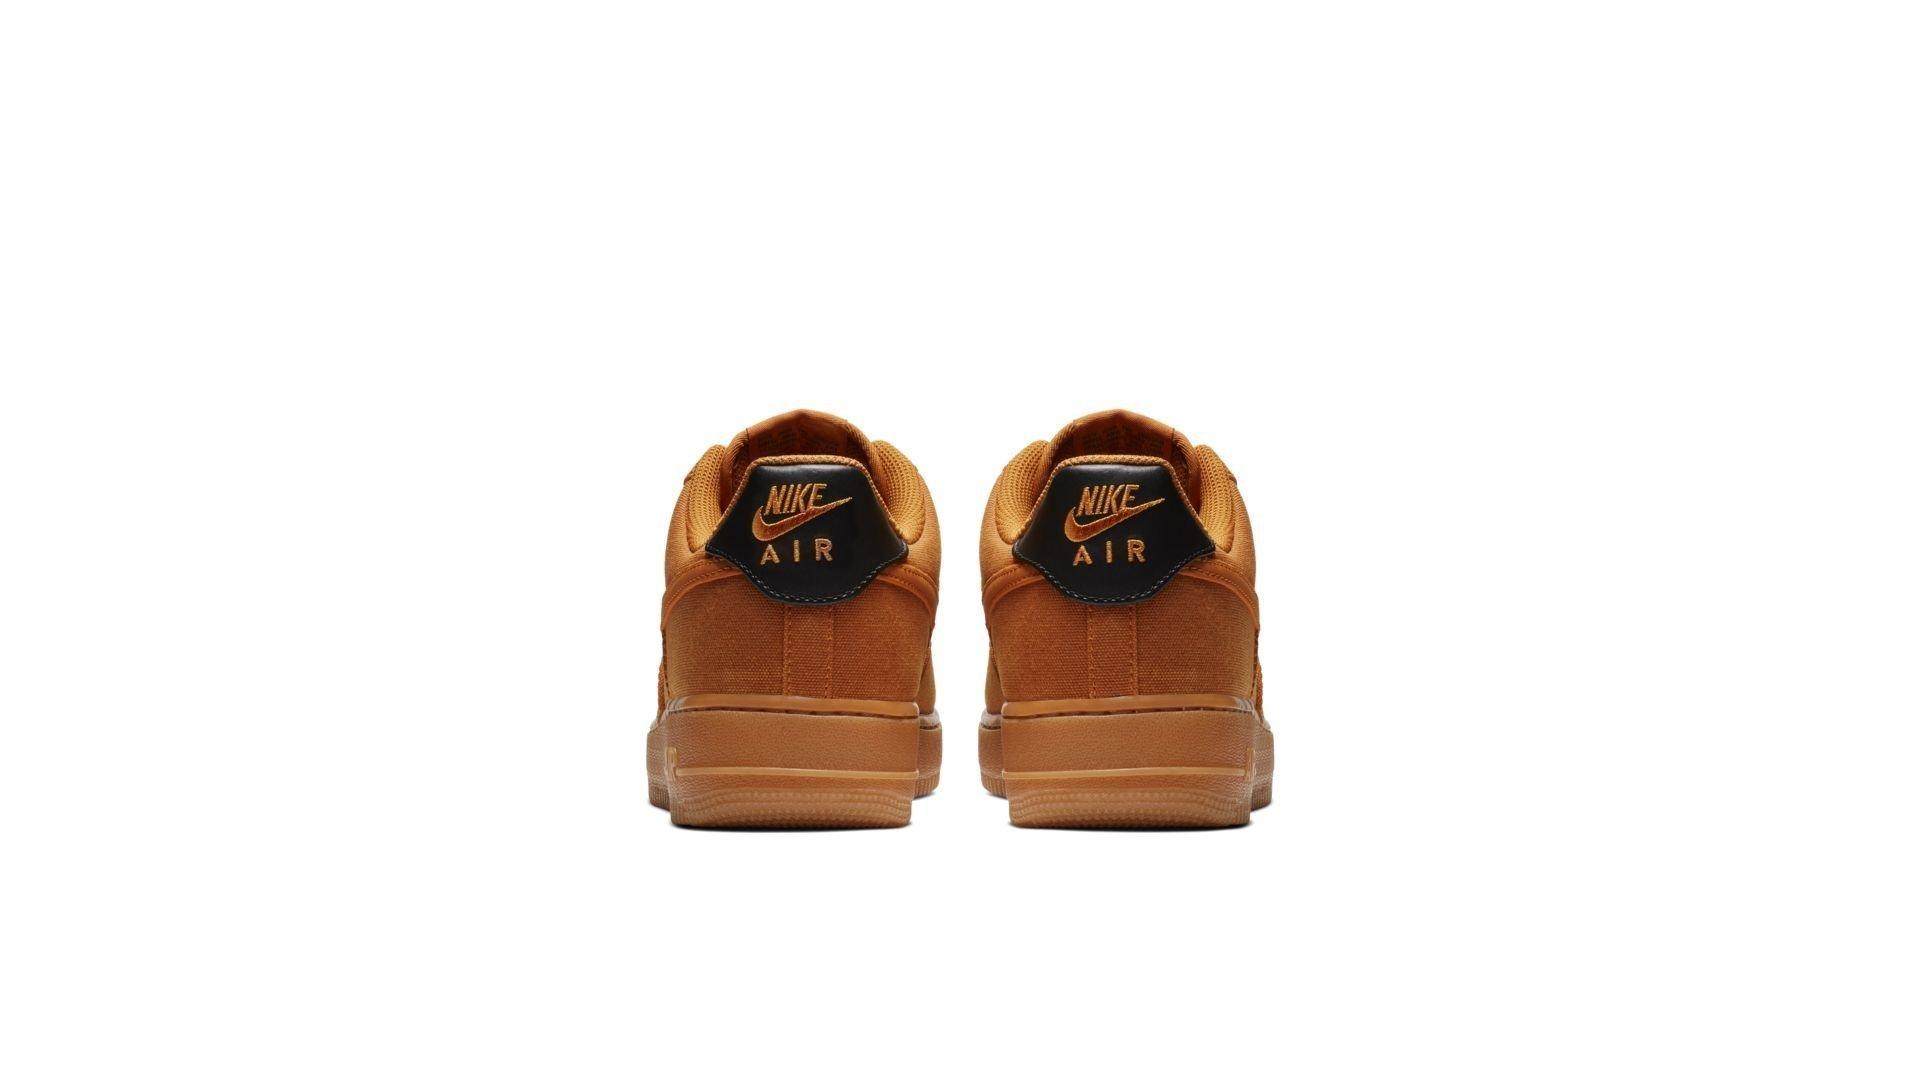 Nike Air Force AQ0117-800